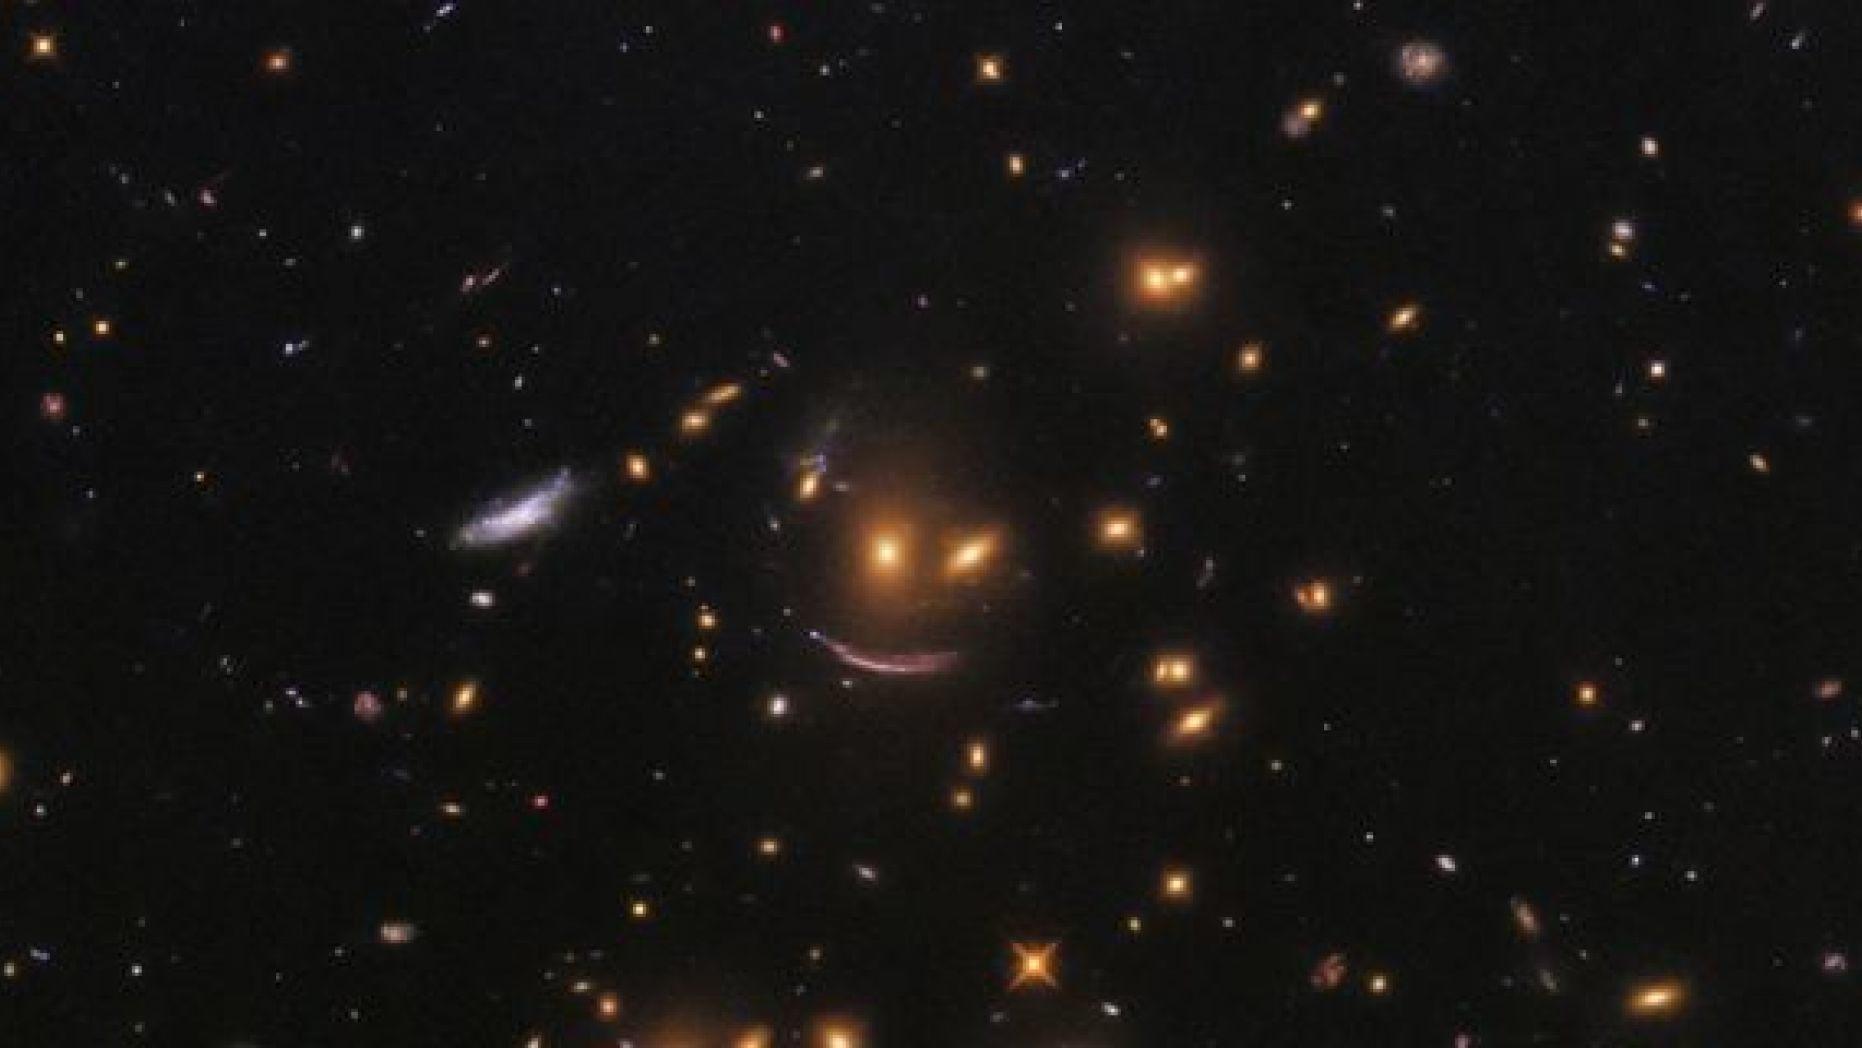 Image credit: NASA / ESA / Hubble / Judy Schmidt